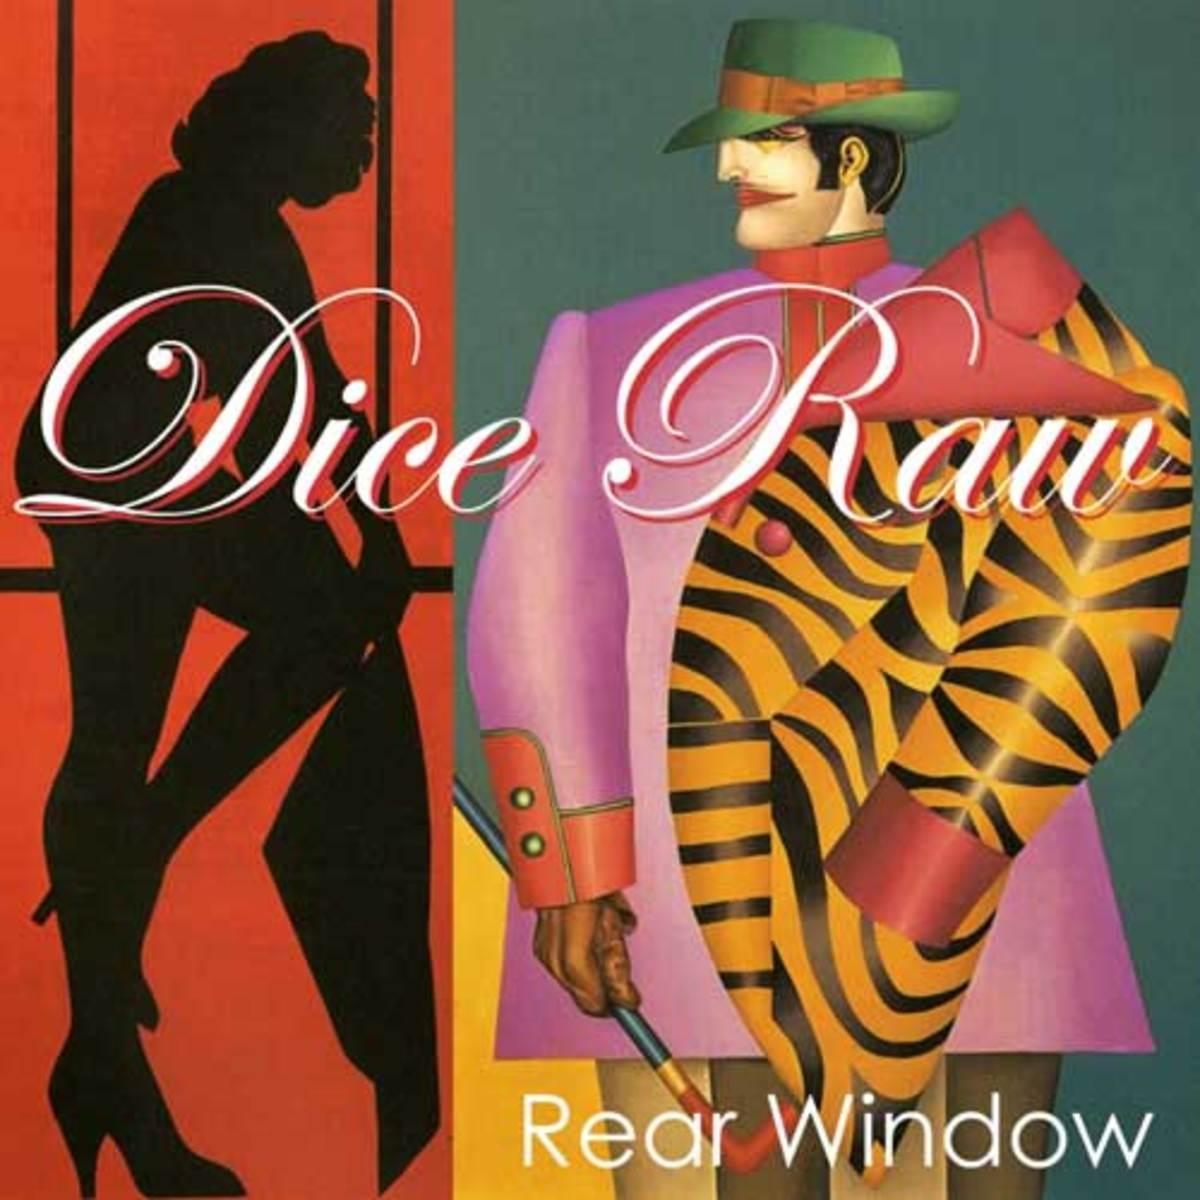 diceraw-rearwindow.jpg